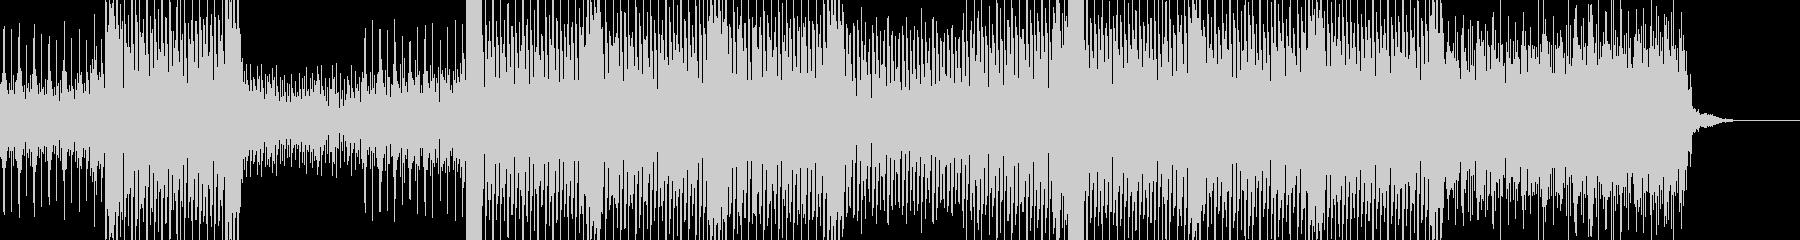 幻想的なハウスアンビエントの未再生の波形